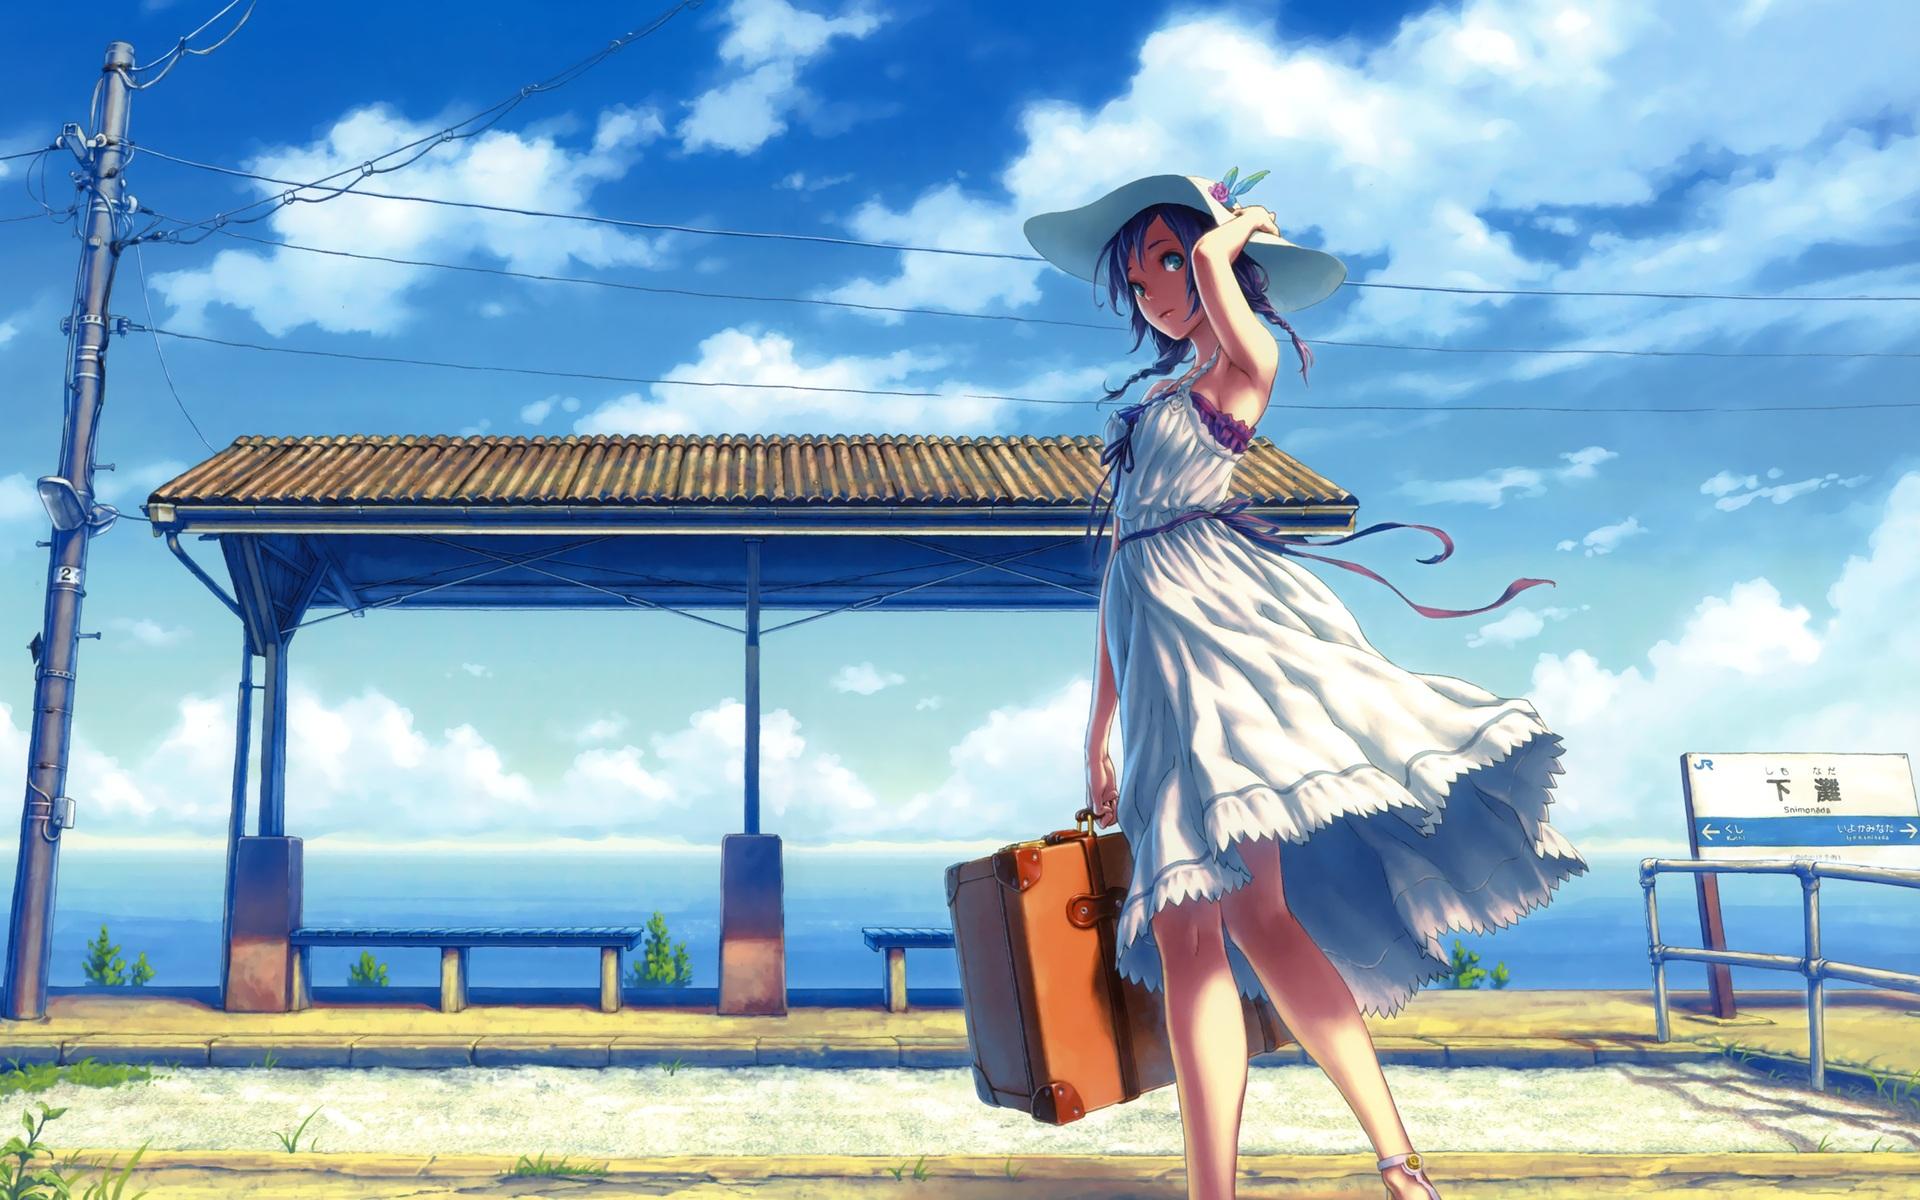 Bienvenidos al nuevo foro de apoyo a Noe #258 / 20.05.15 ~ 23.05.15 - Página 6 Anime-Girl